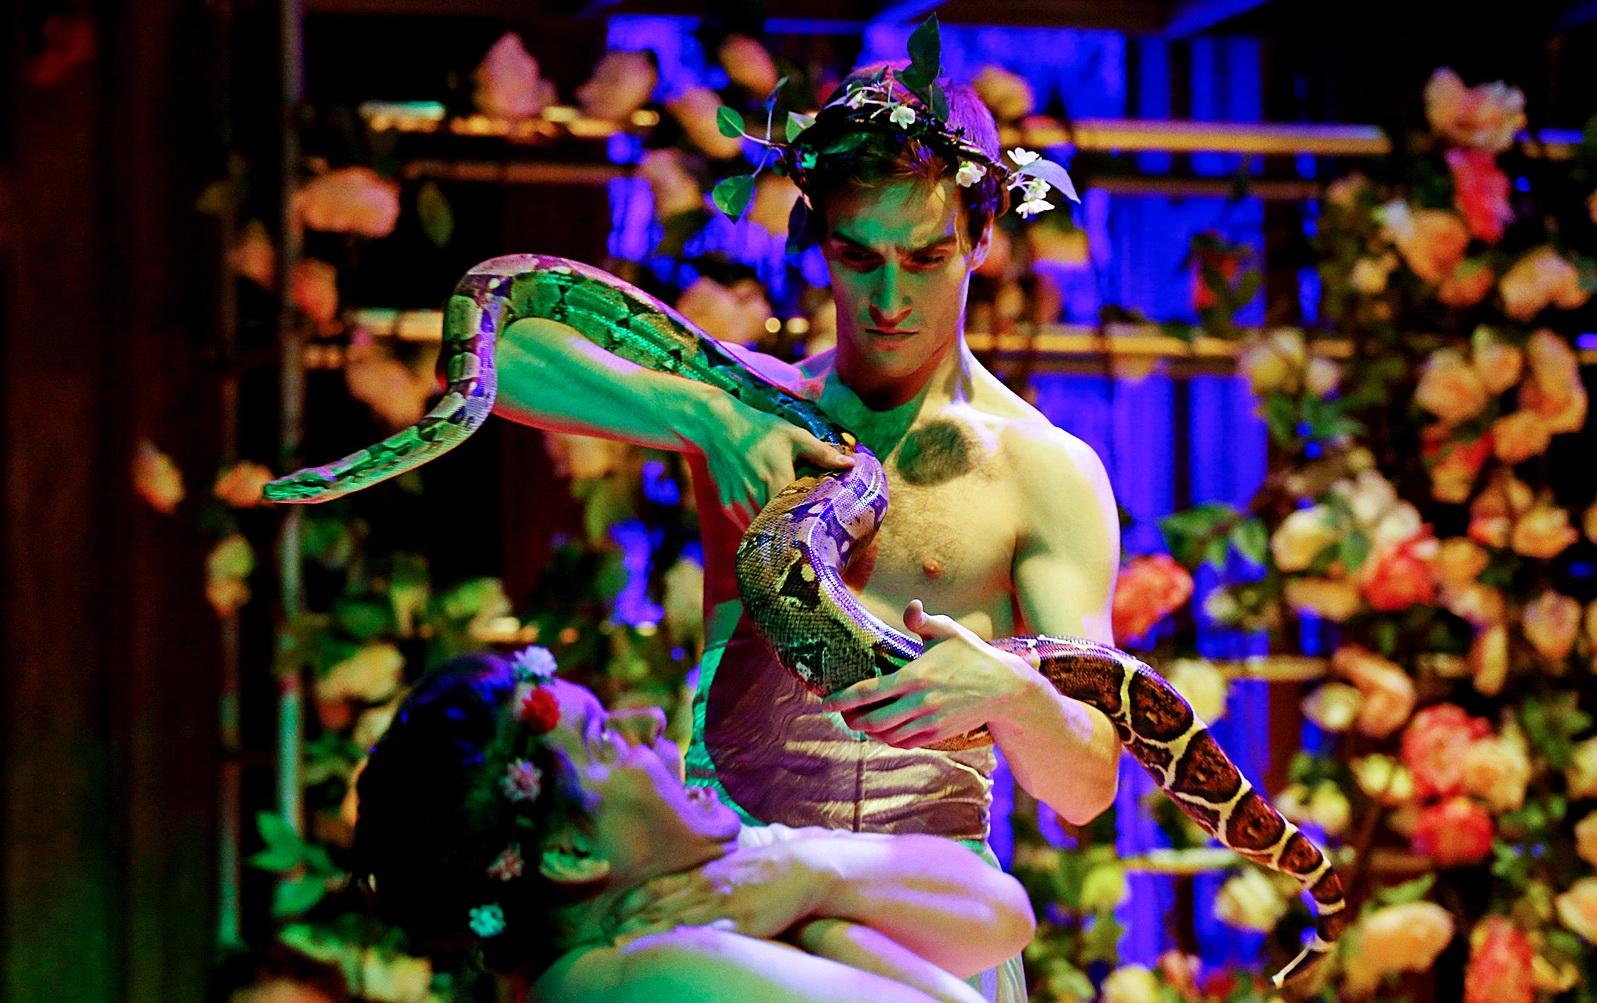 Фото со спектакля «Калигула» в Коляда-Театре предоставлено организаторами